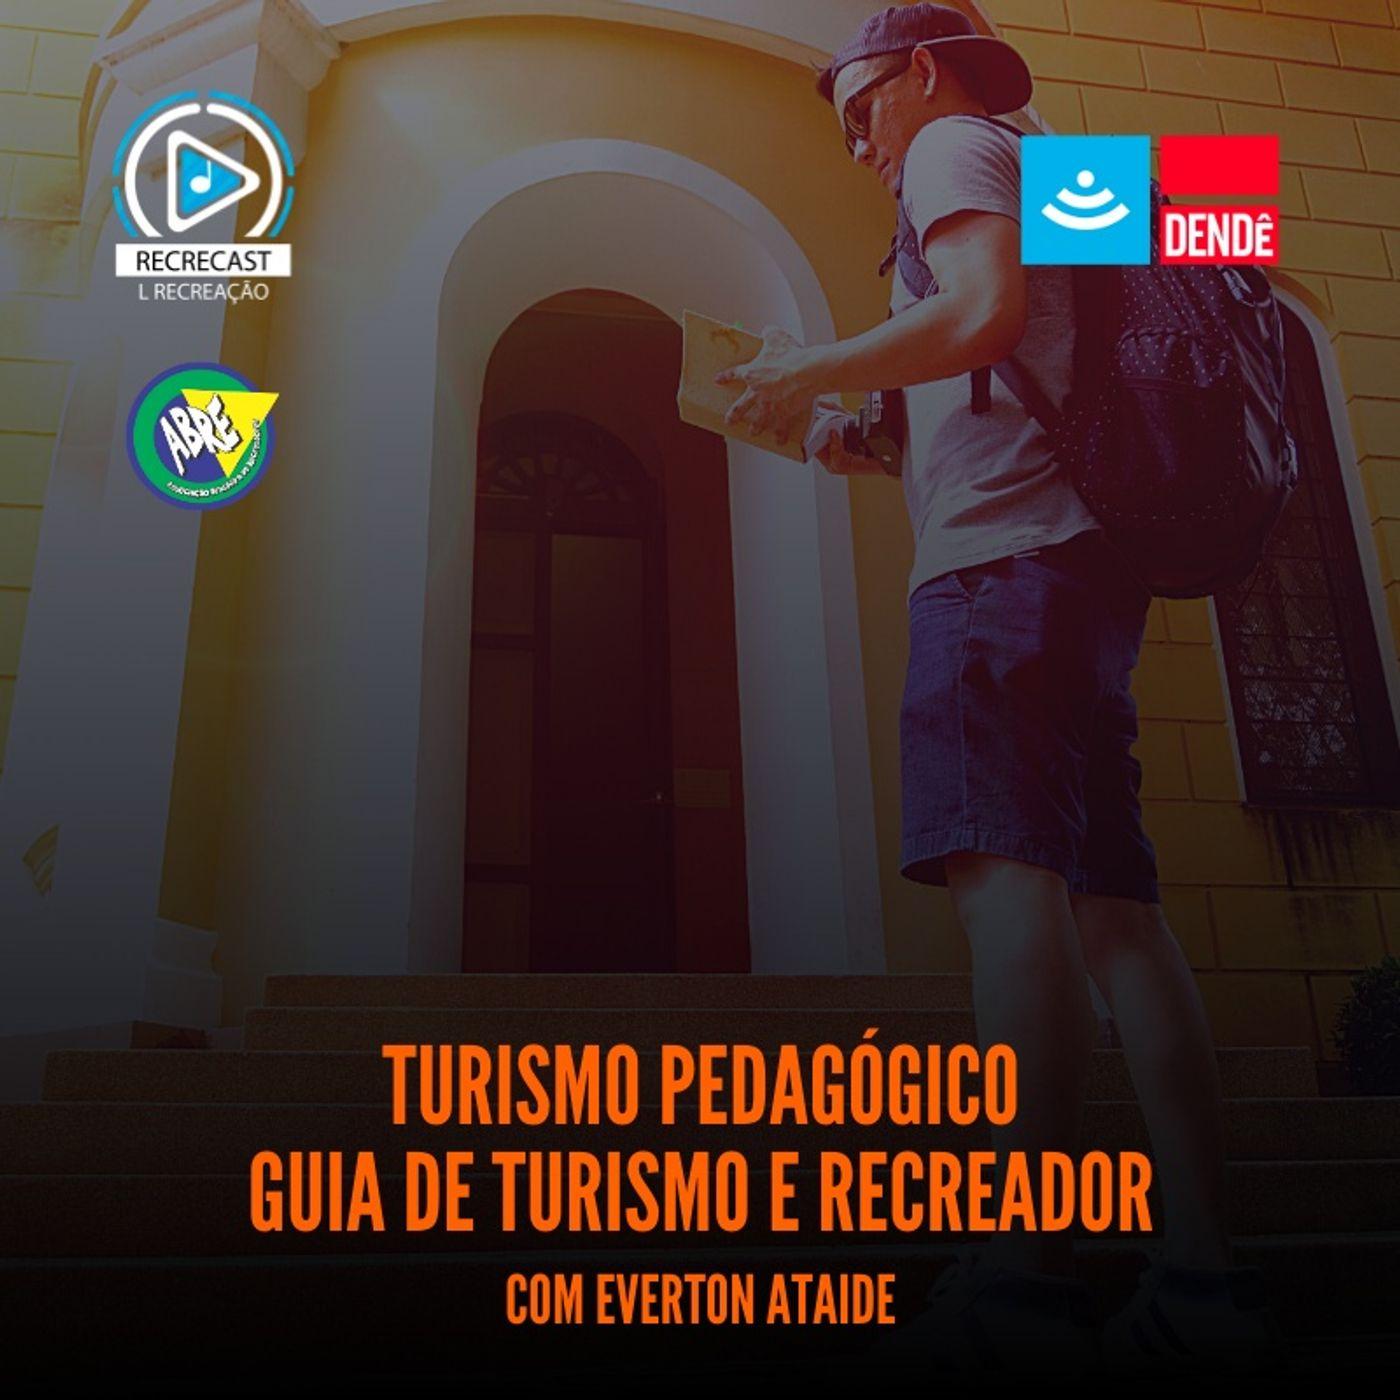 Turismo pedagógico - Guia de turismo e Recreador